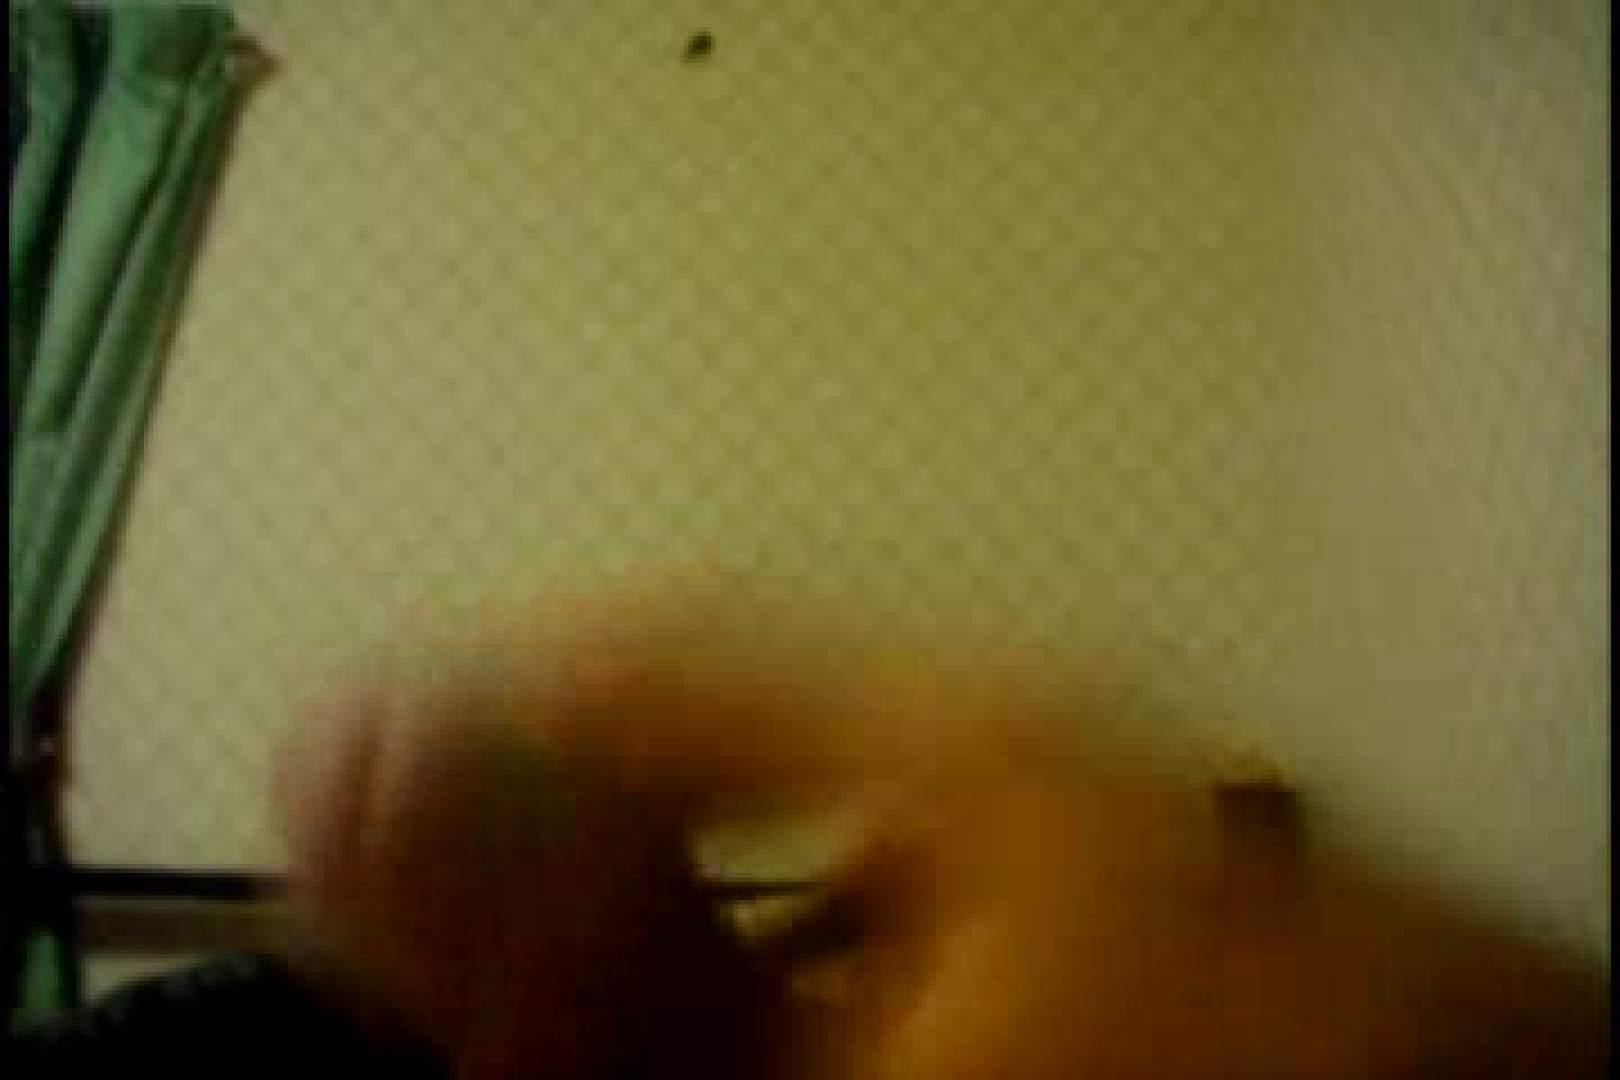 オナ好きノンケテニス部員の自画撮り投稿vol.05 ローション | ノンケのオナニー  8枚 1